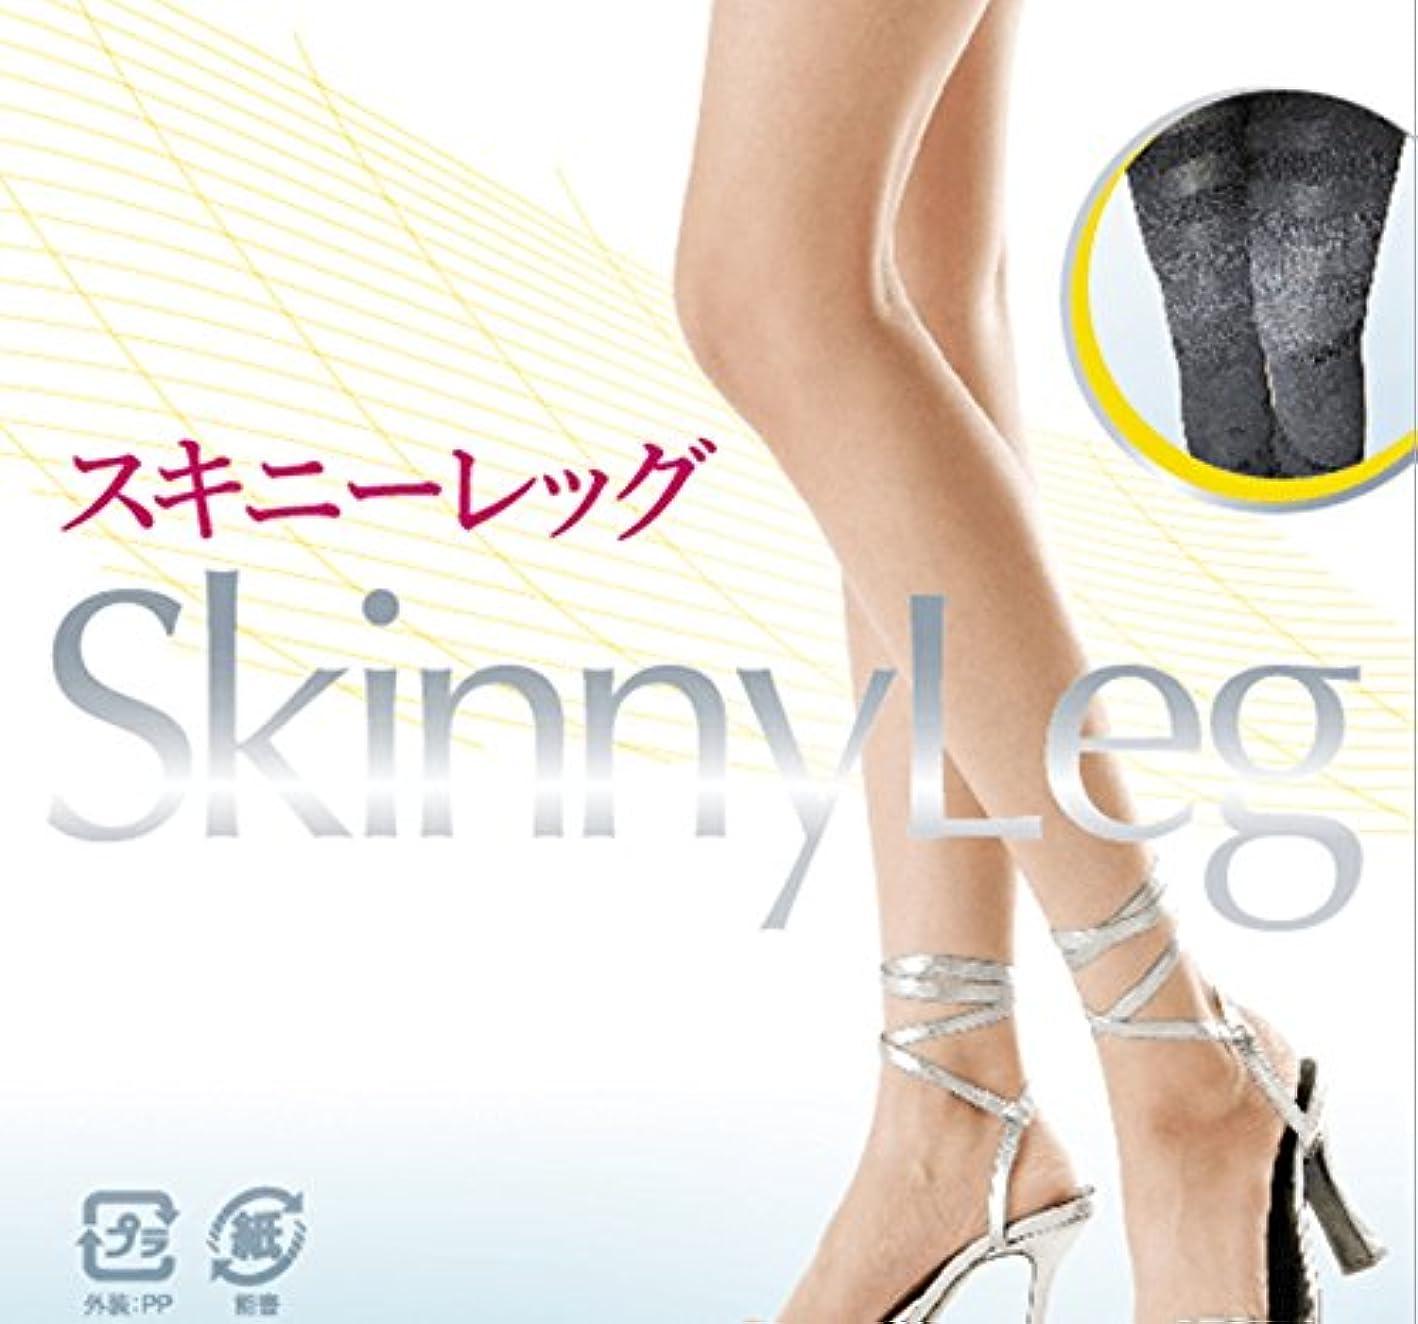 フィヨルド不均一後ろ、背後、背面(部【1つプレゼント!! 送料無料5個+1個】SkinnyLeg スキニーレッグ